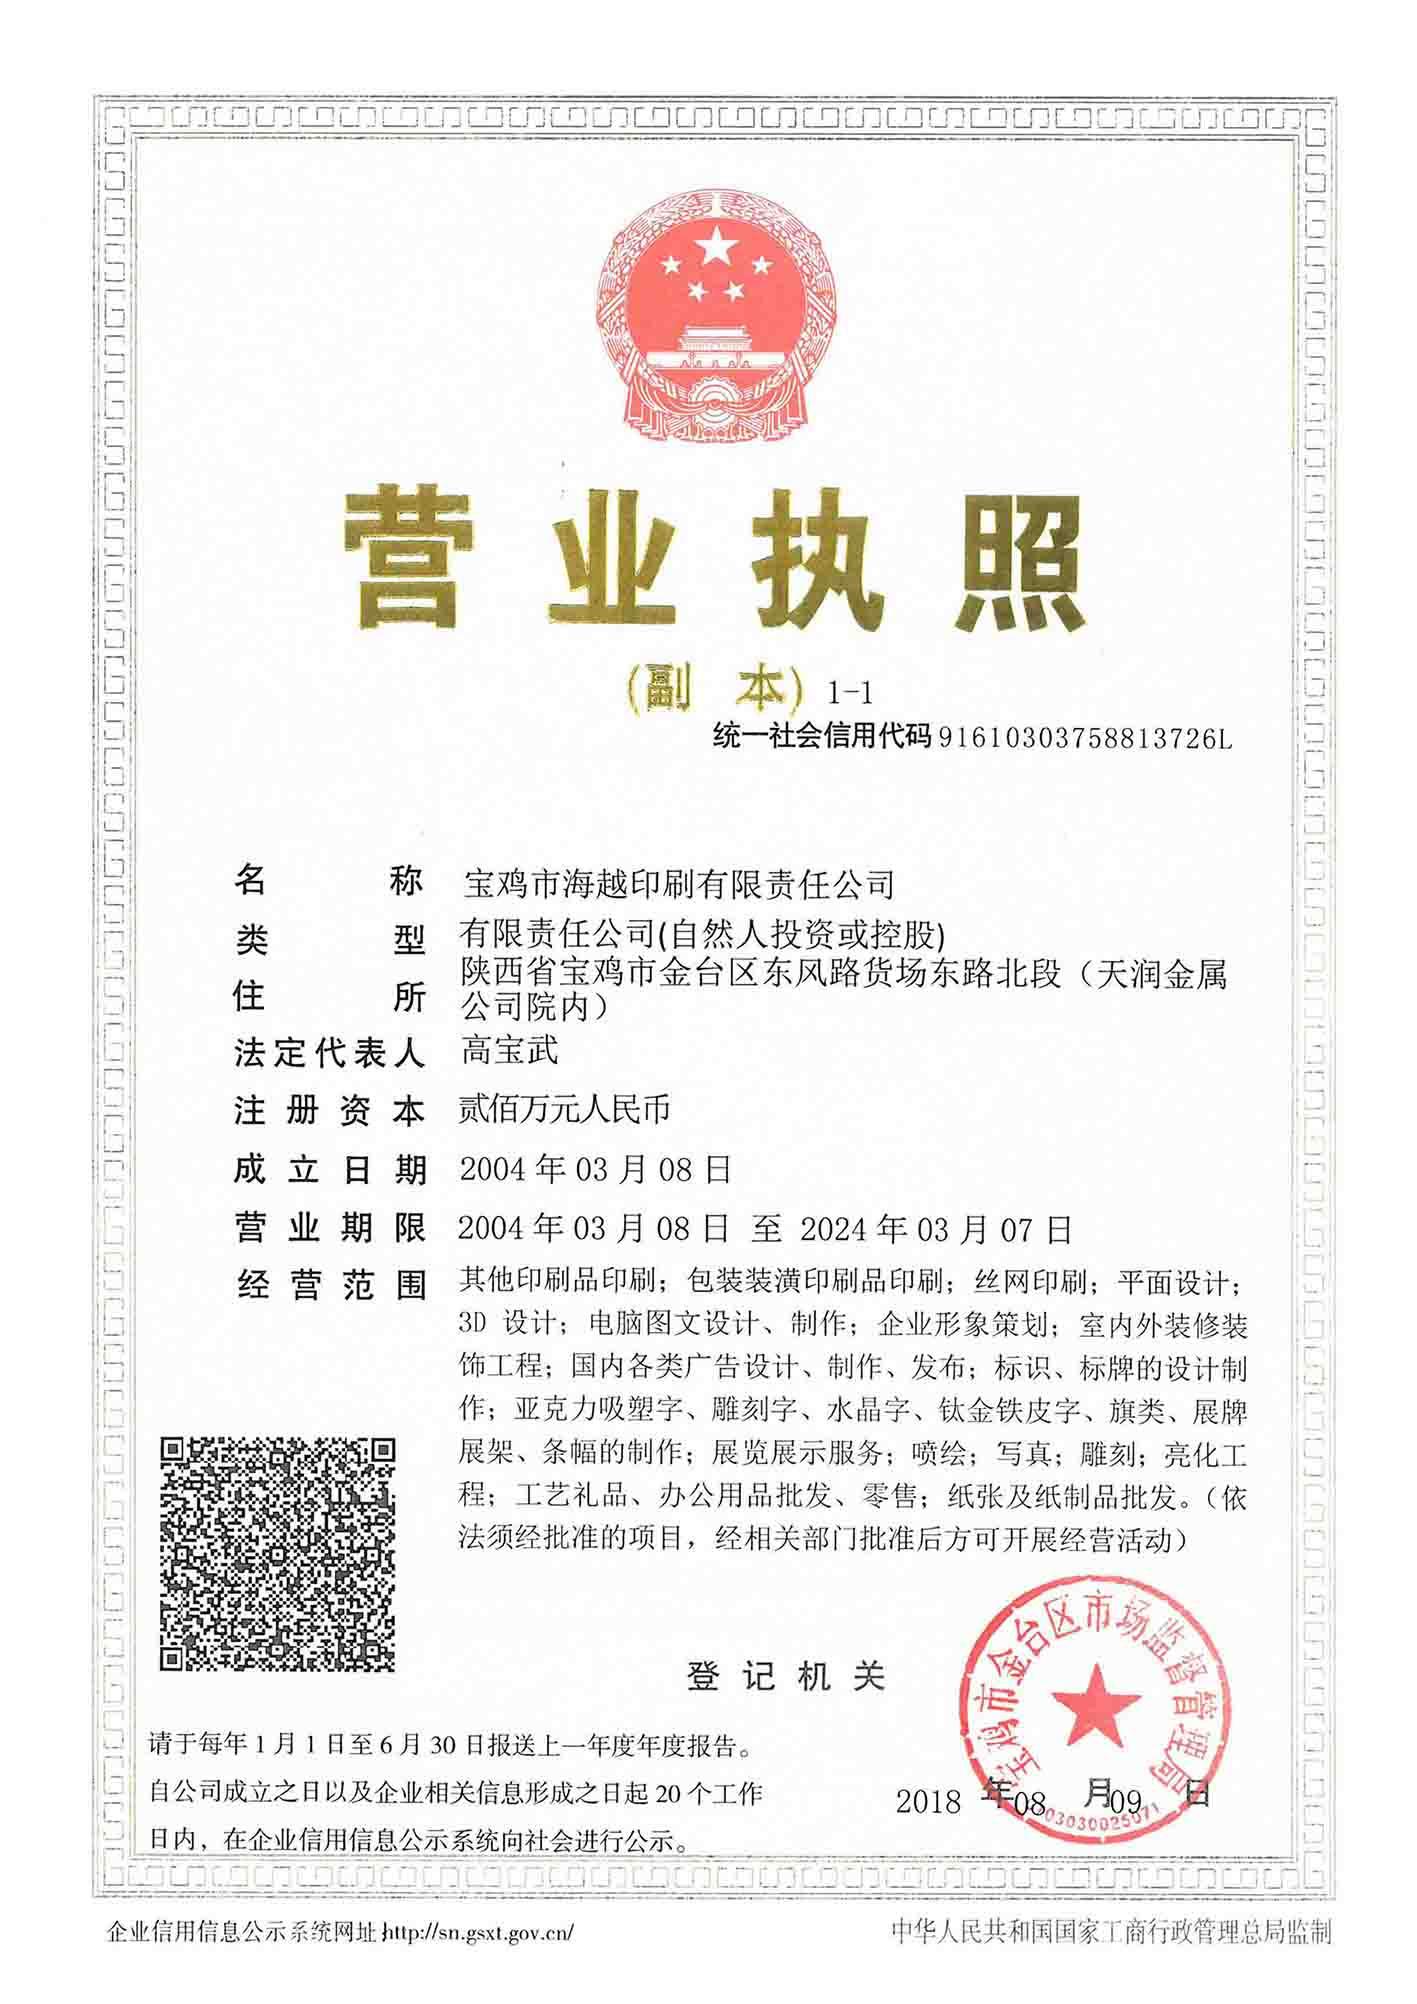 宝鸡市海越印刷有限责任公司企业法人营业执照